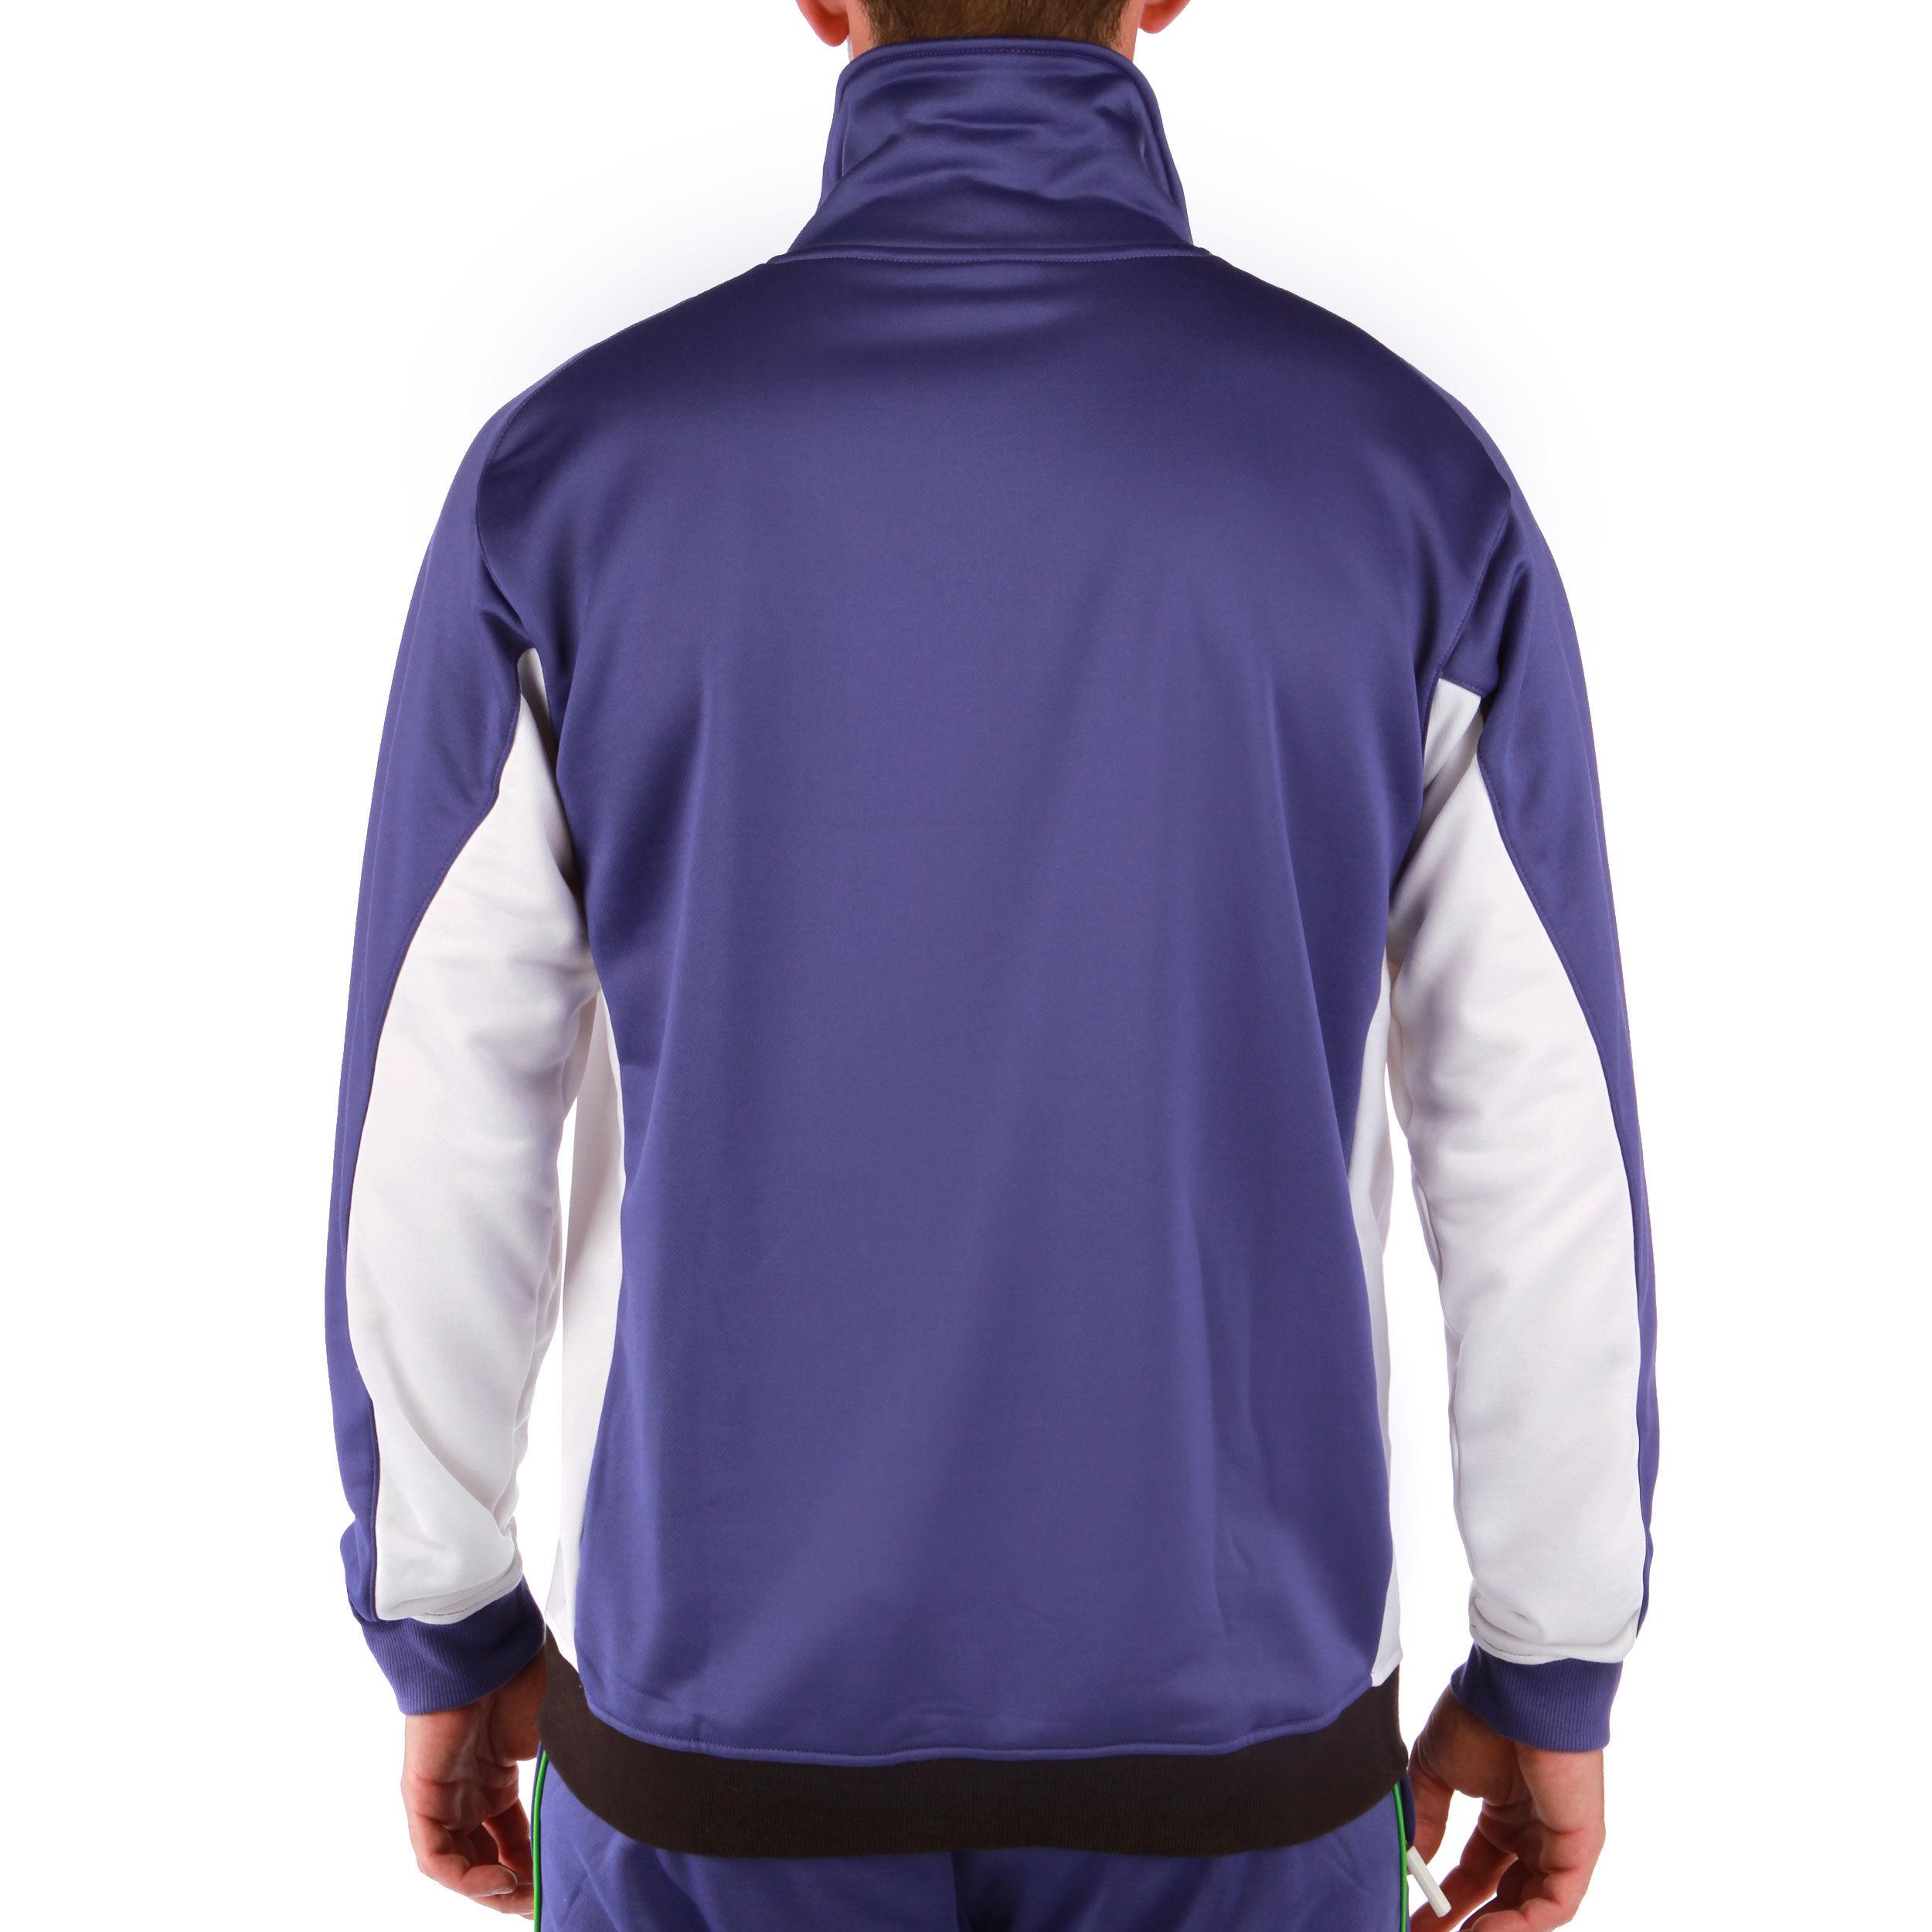 Trainingsjacke Herren Frequency Warm-Up Jacket Head